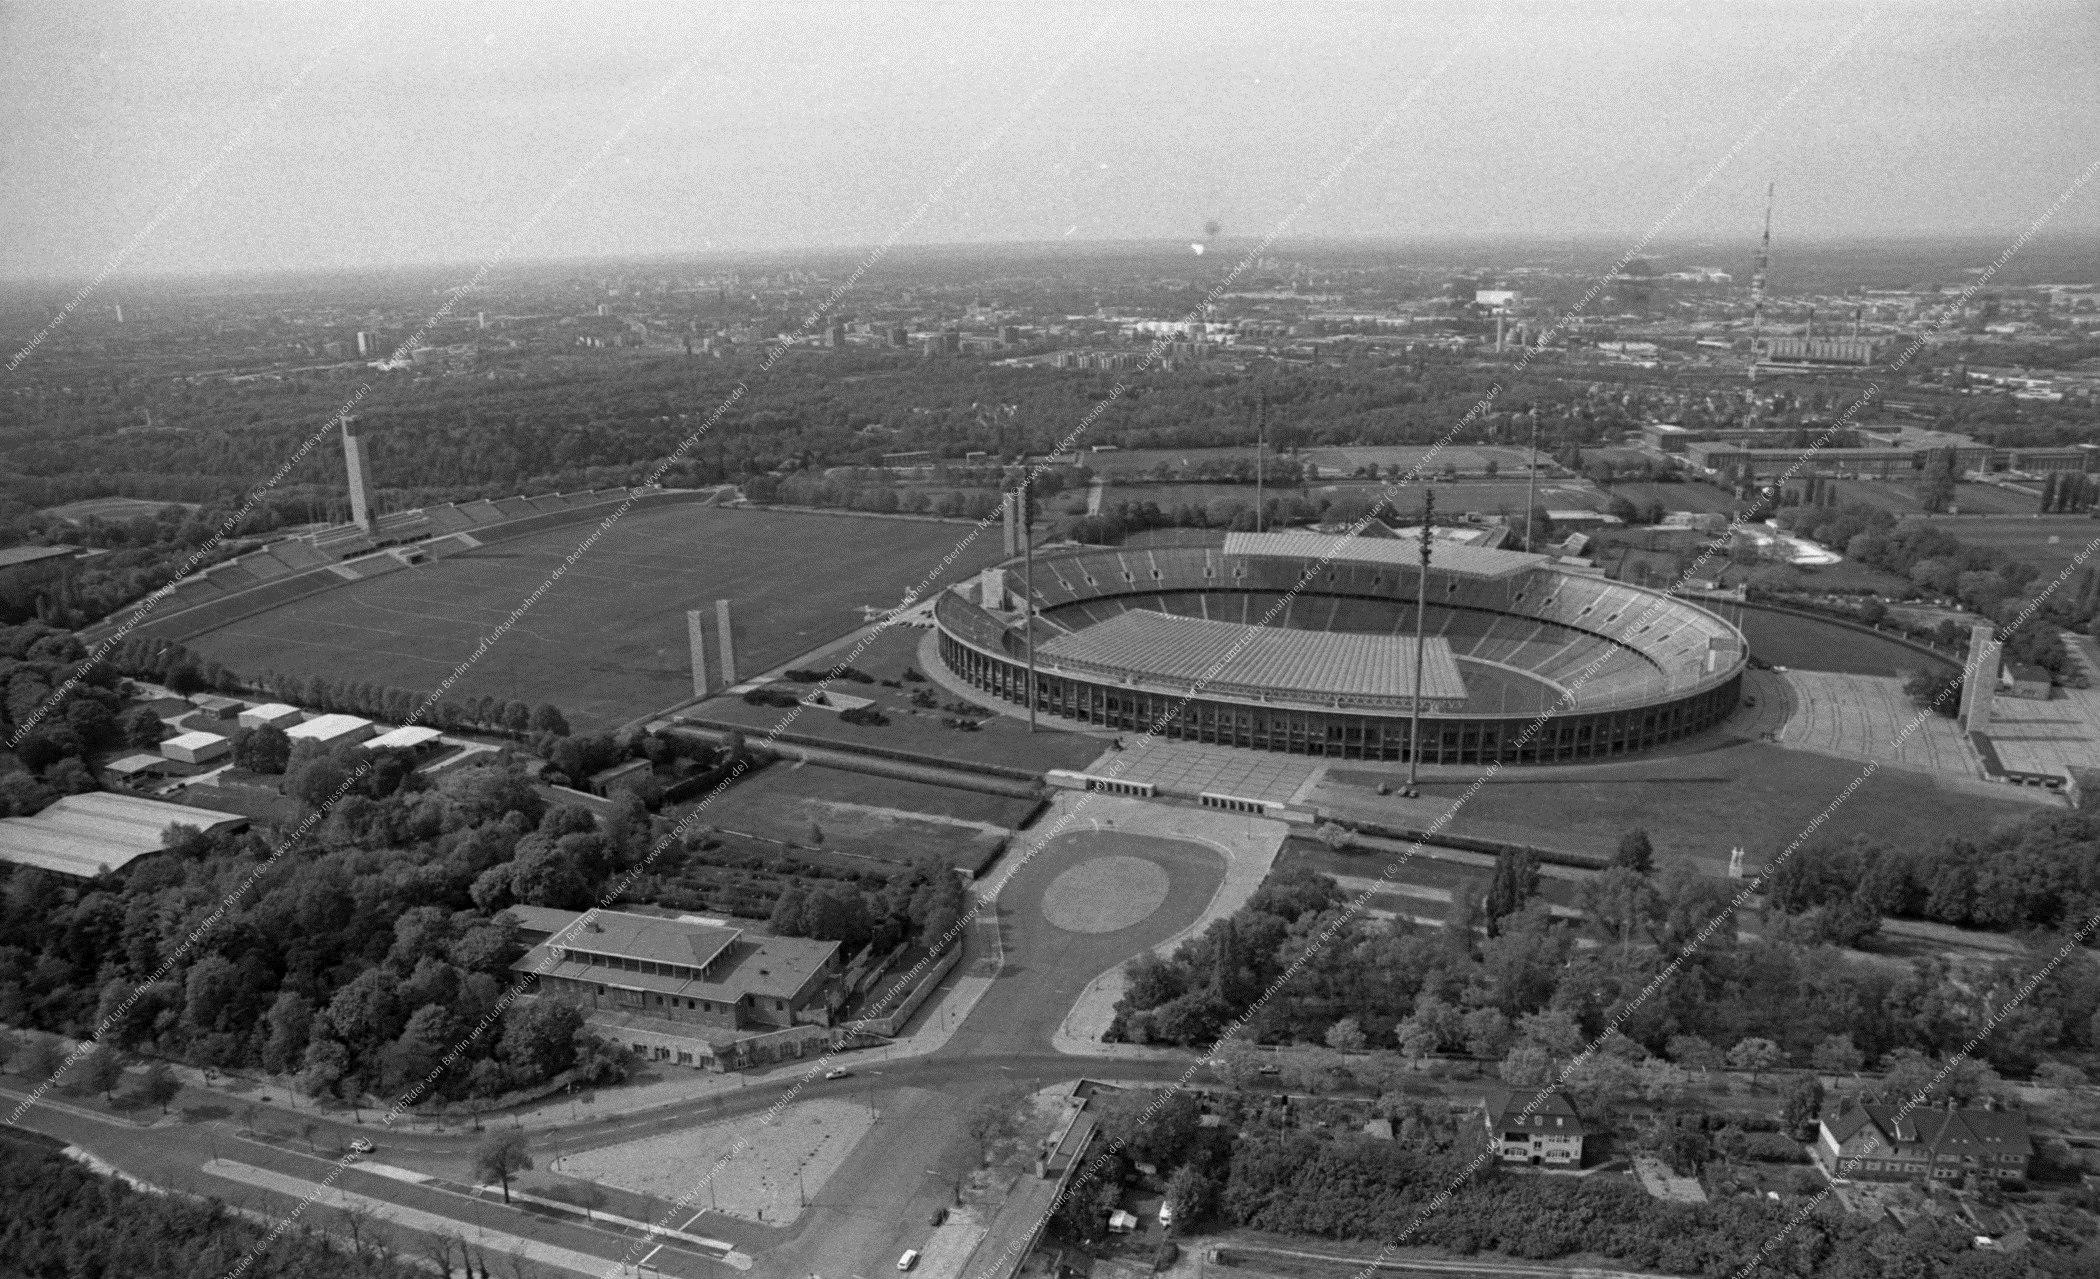 Luftbild vom Olympiapark Berlin (Reichssportfeld) und Stadion vom 12. Mai 1982 (Bild 077)